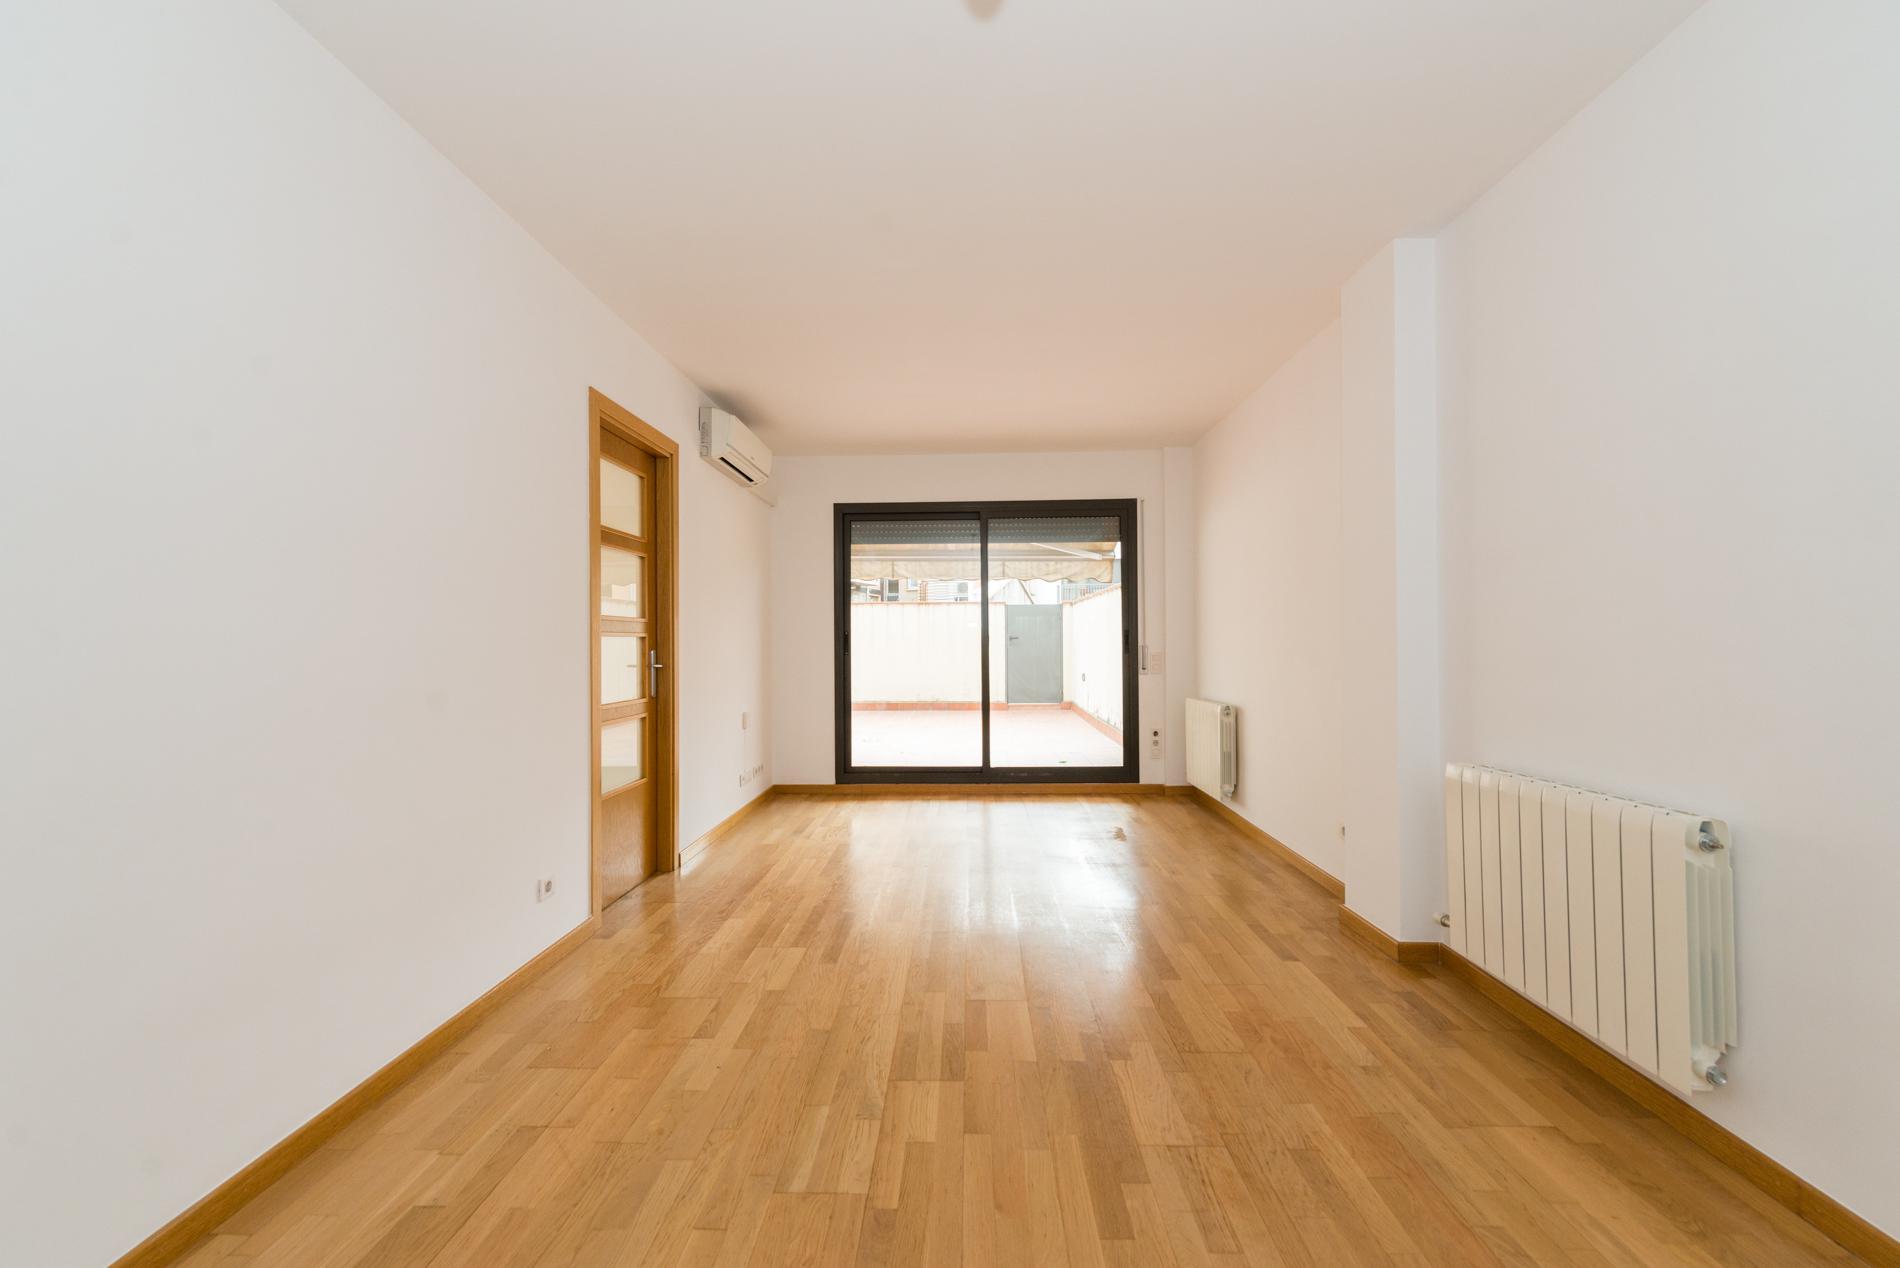 101155 - Precioso piso con piscina, a 5 minutos de la Rambla